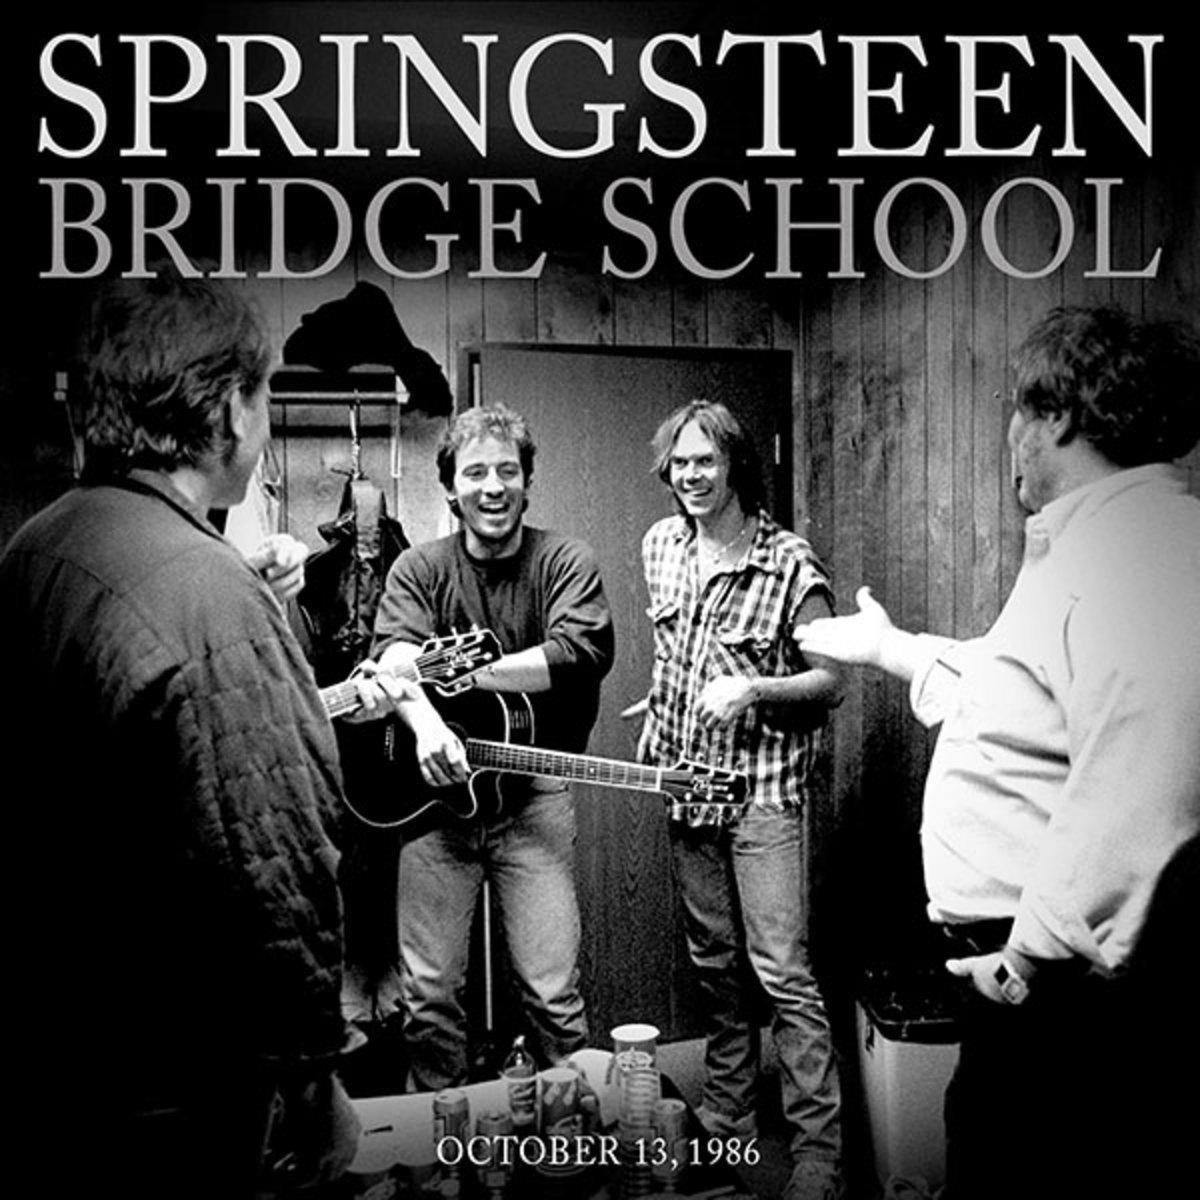 bruce-springsteen-bridge-school-benefit-concert-1986-album-review